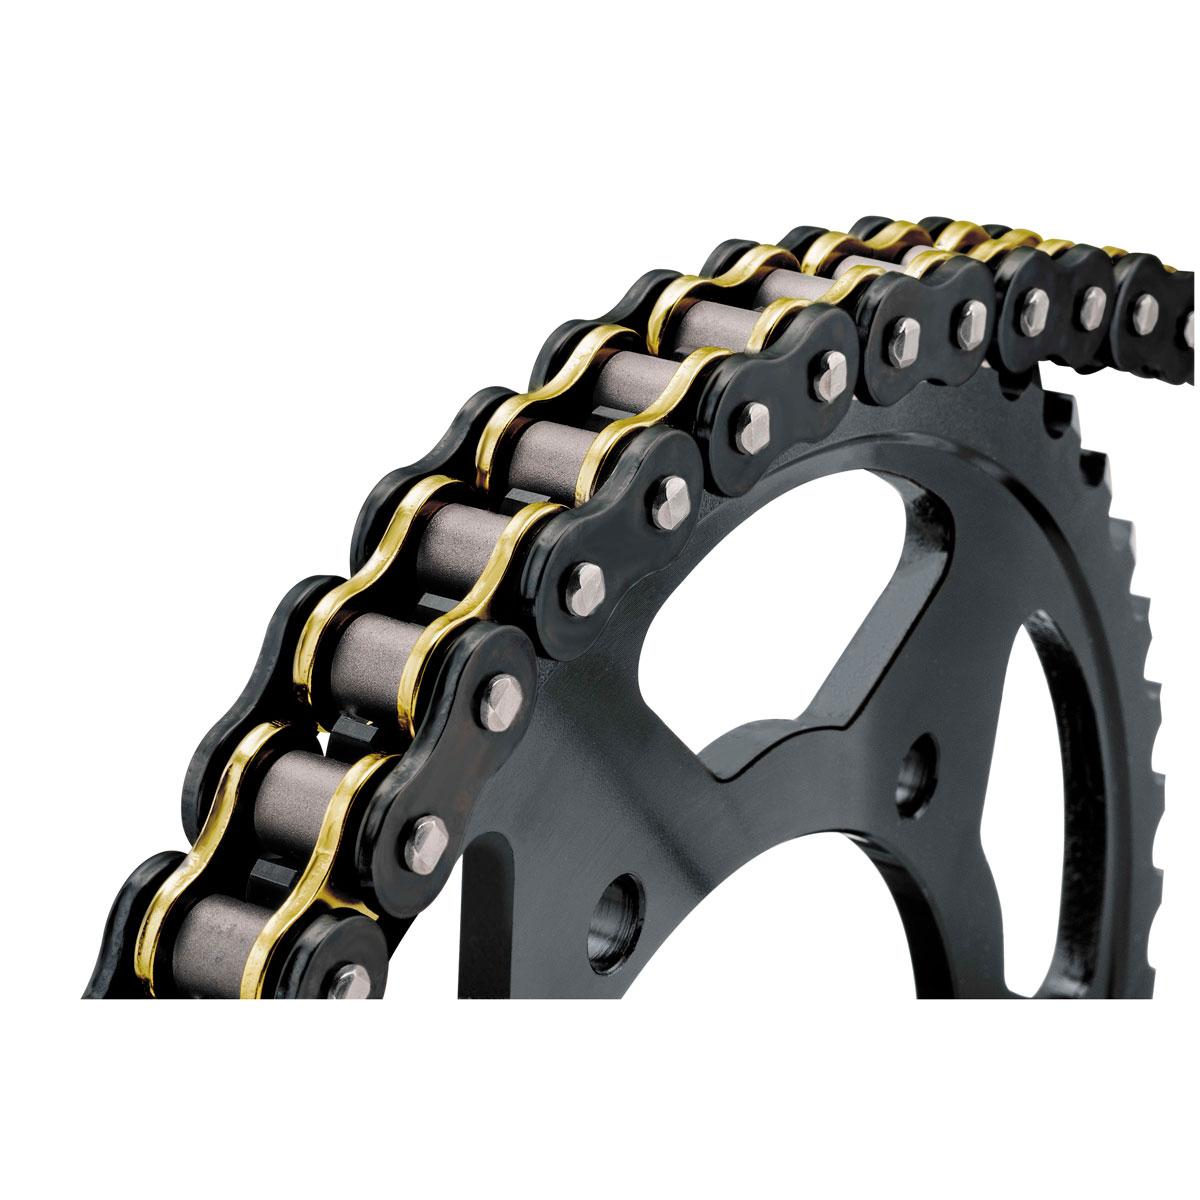 BikeMaster 530 BMOR O-ring Chain Black/Gold